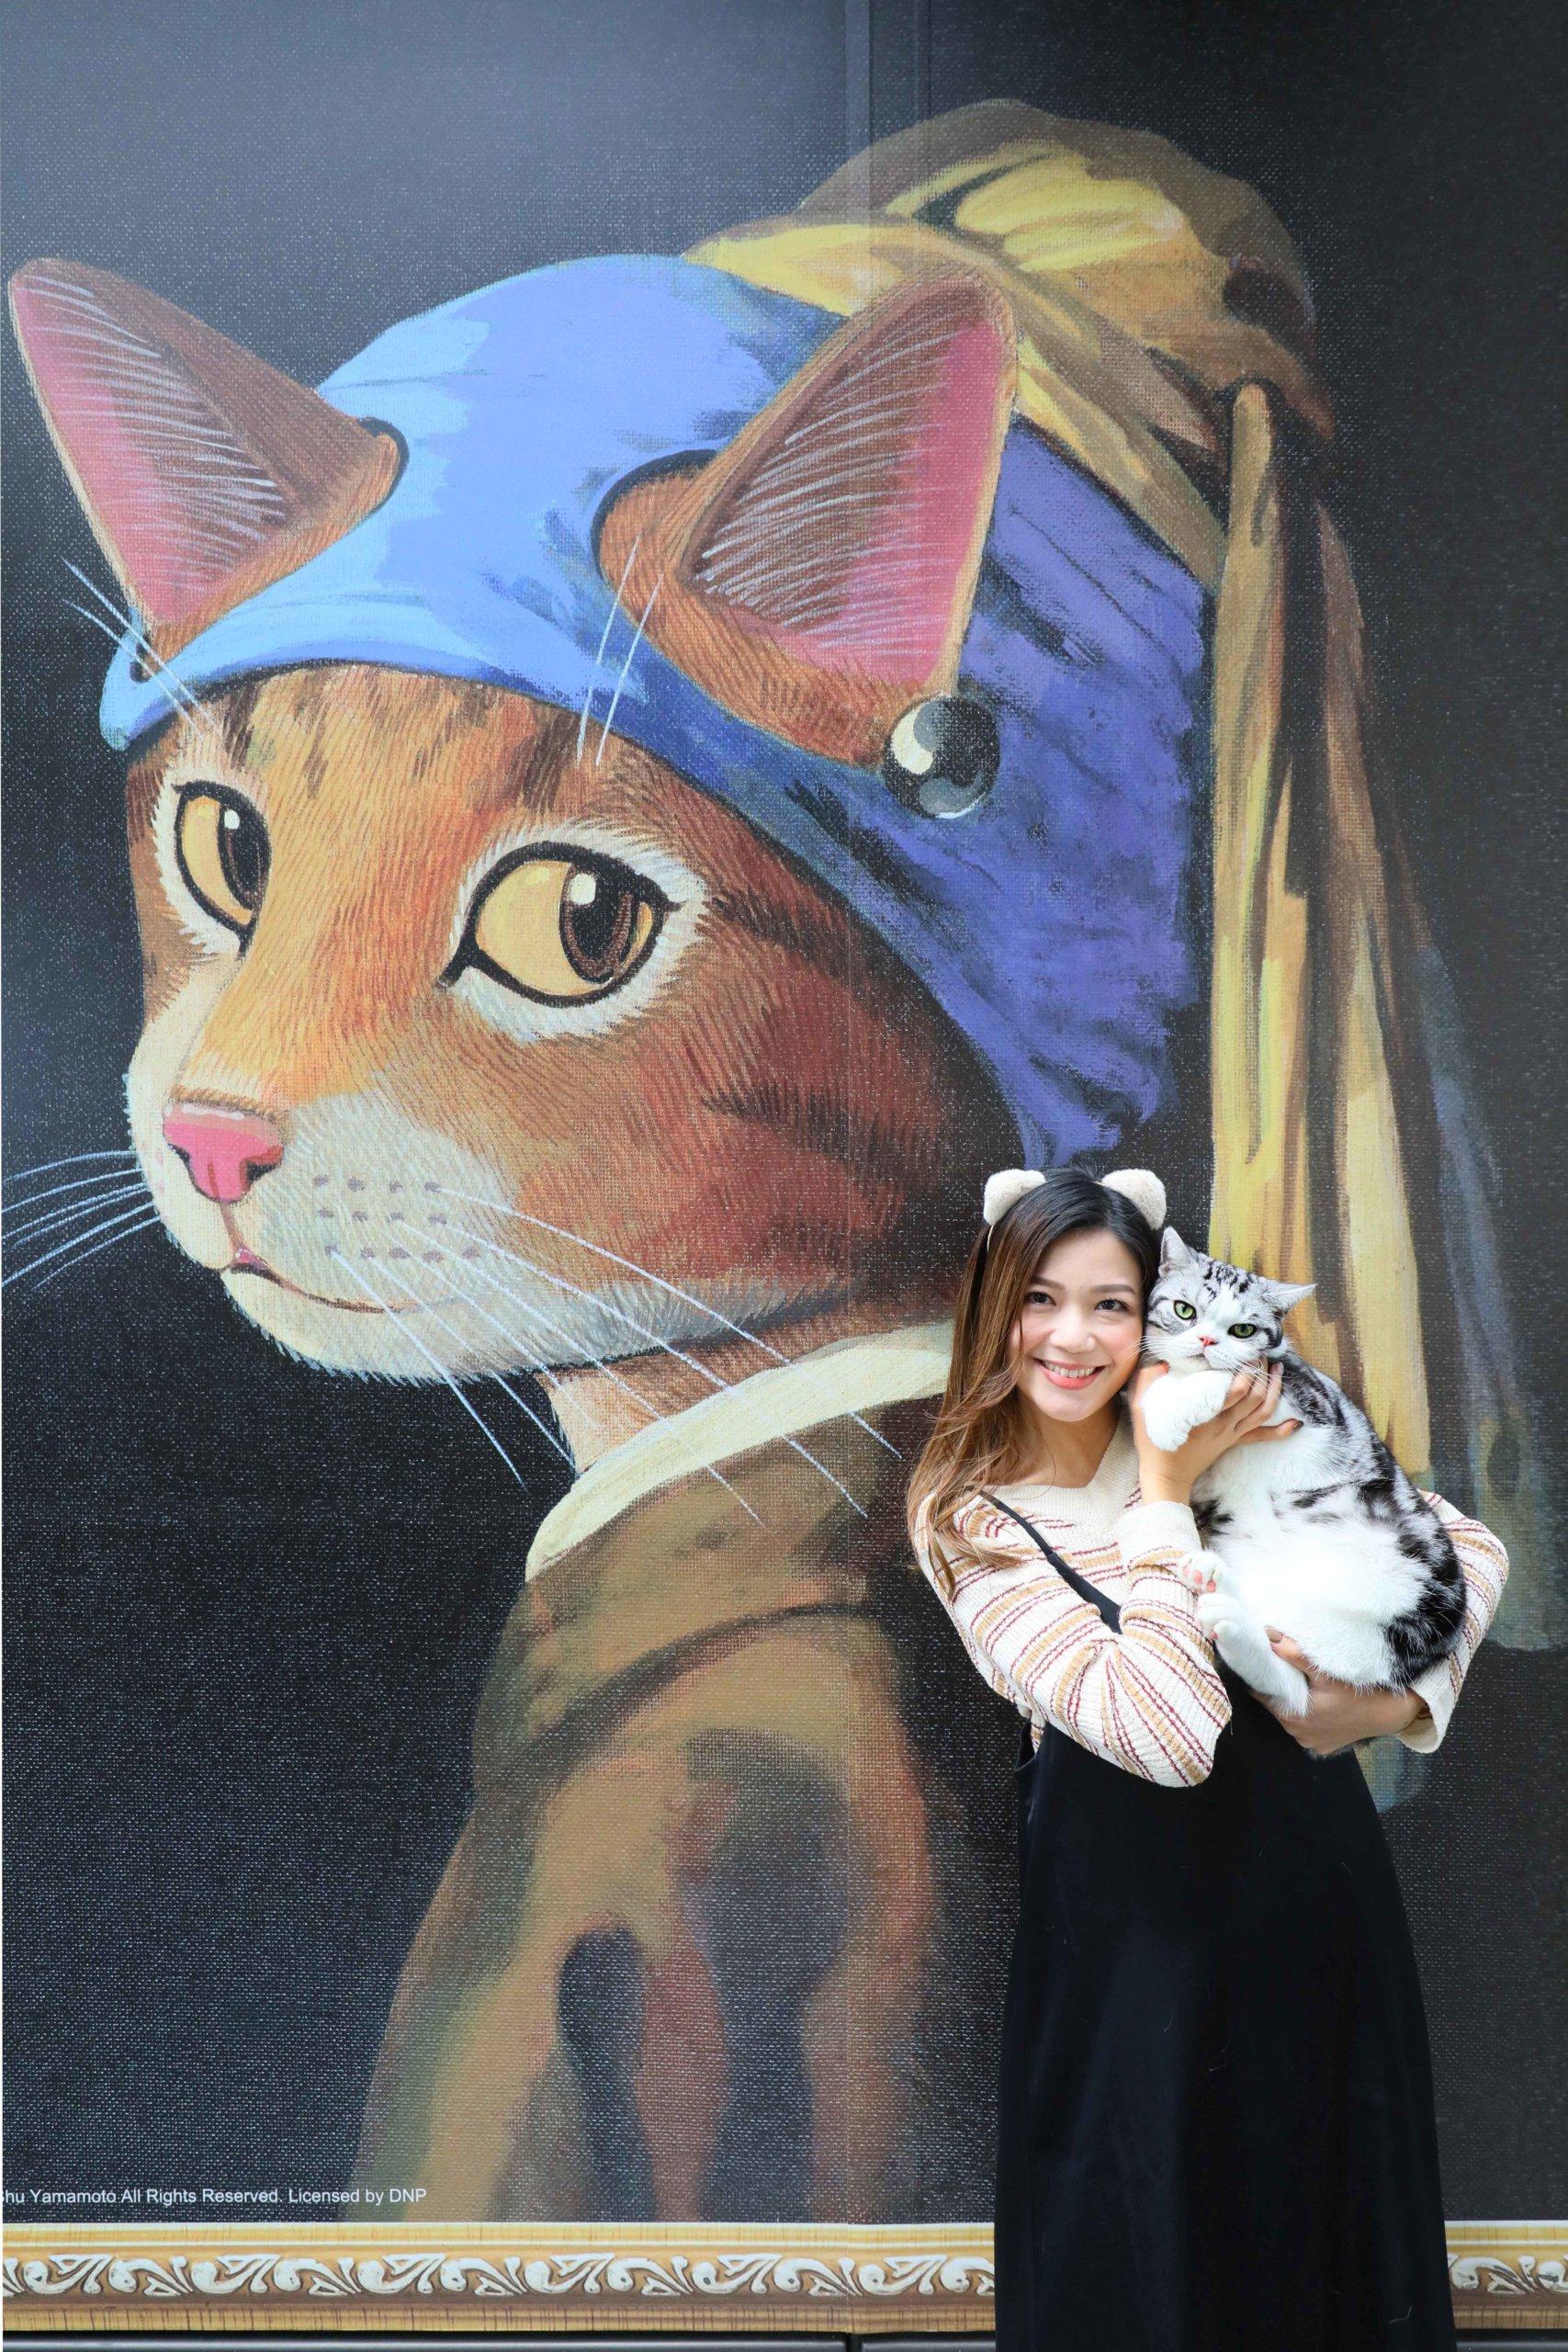 最尾一站,必定要跟《戴珍珠耳環的少女貓》的巨型喵作前打卡留念,記下喵之足跡!